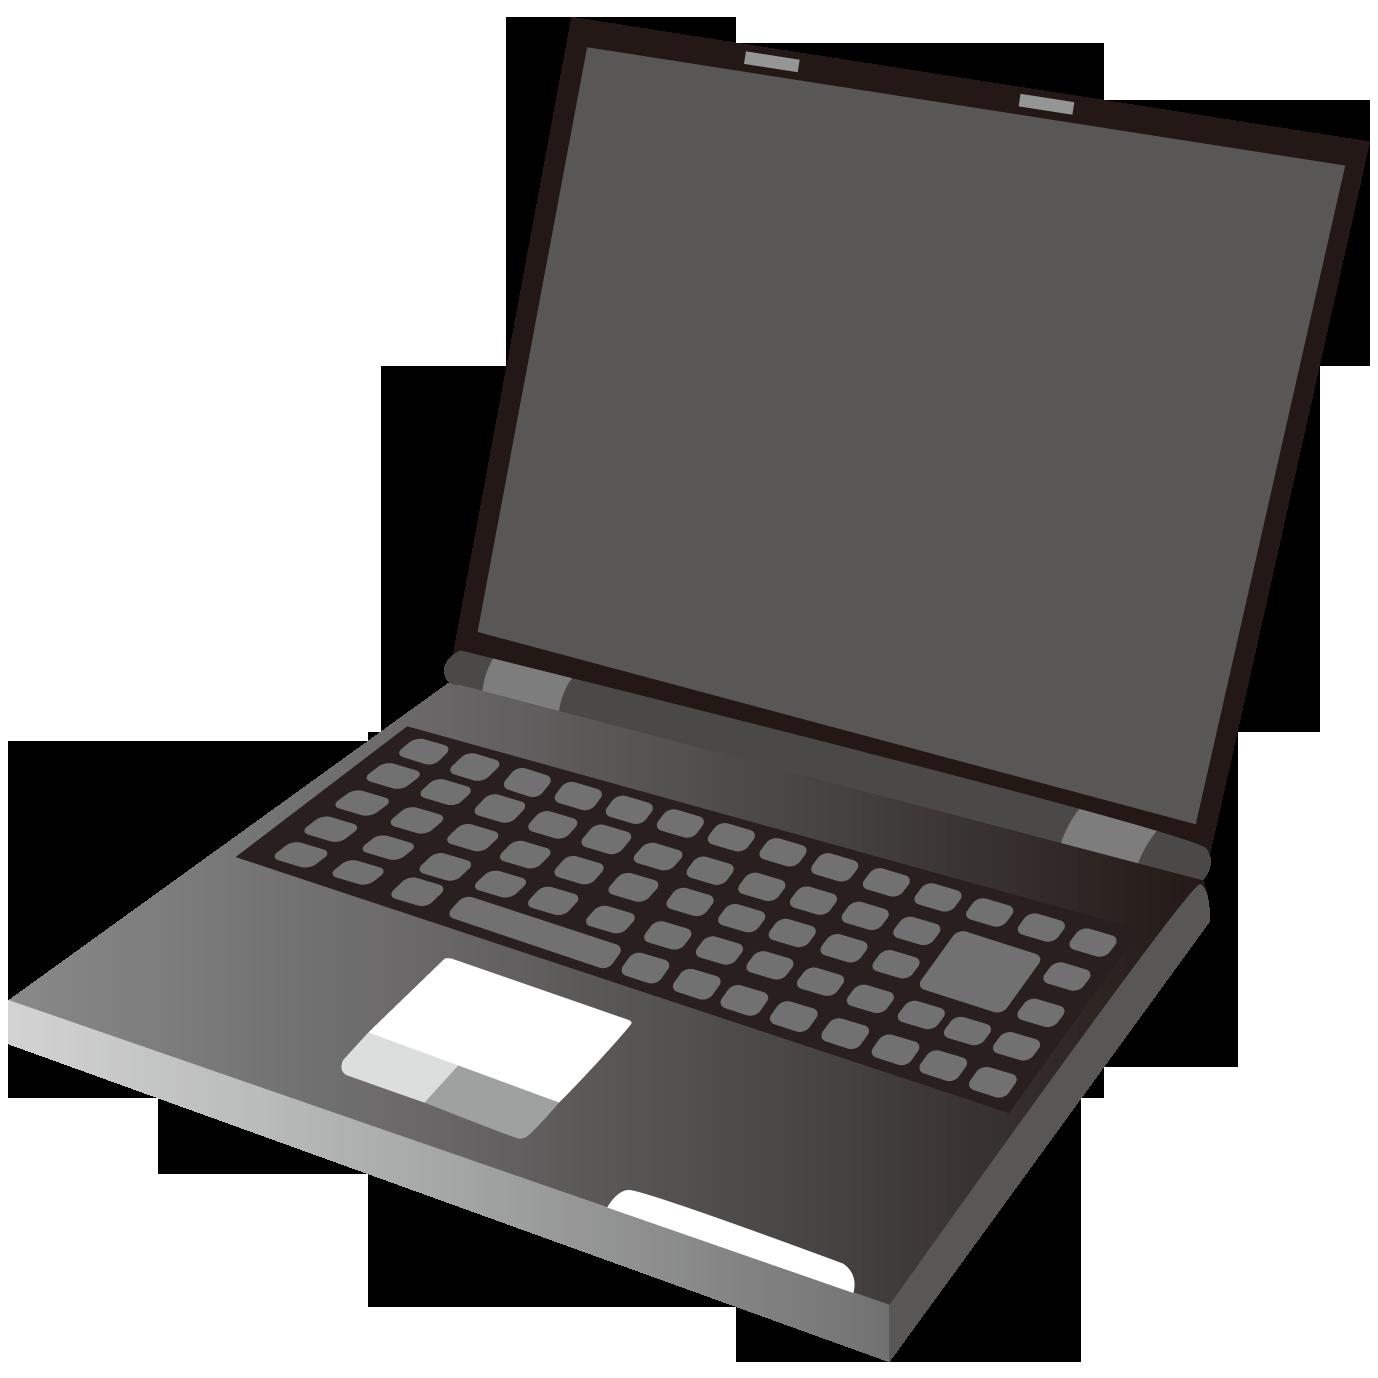 pc、パソコンのイラスト・フリー素材|ダウンロード01【素材っち】